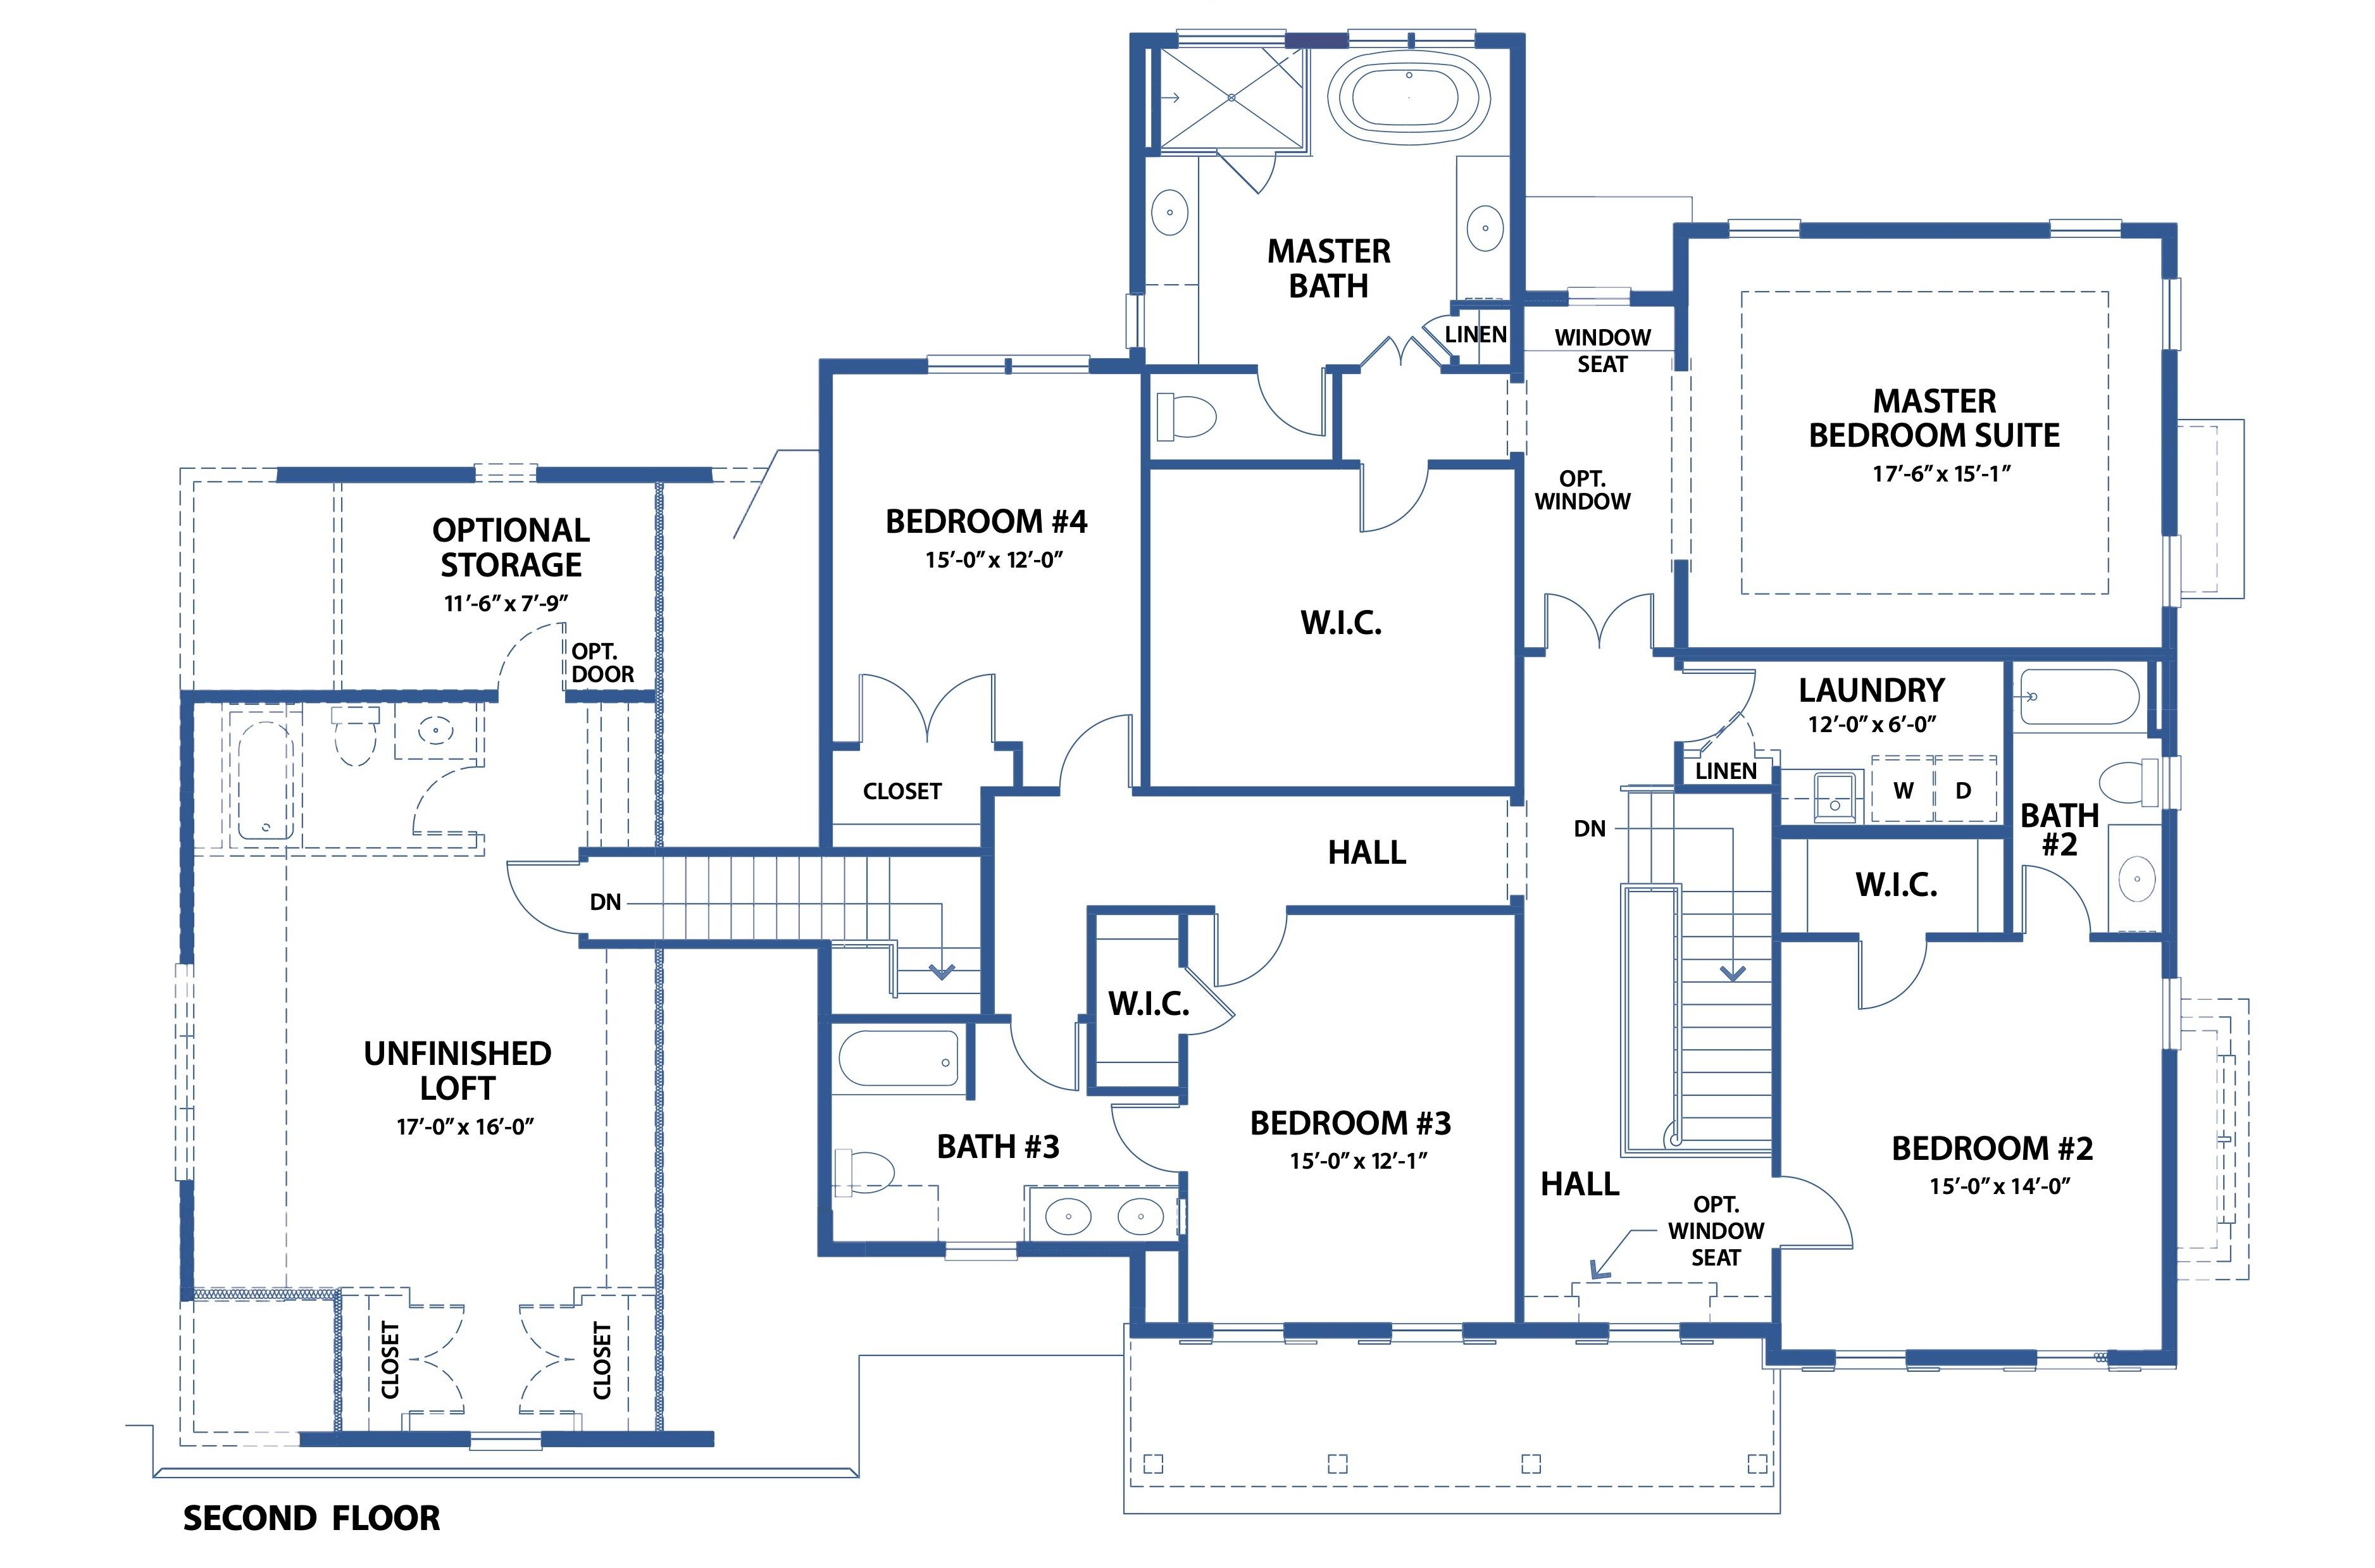 Bentley Homes blueprint of floor plan.